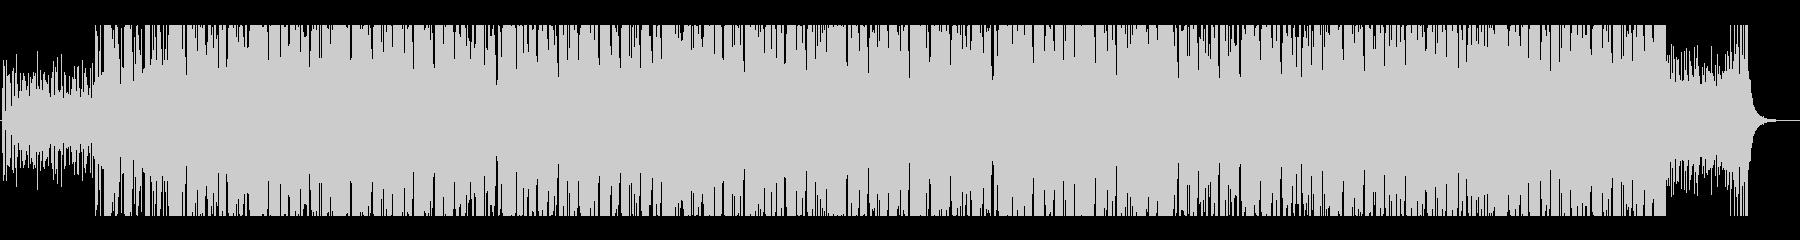 和風・二胡・ピアノ・ハウス・ファンキーの未再生の波形